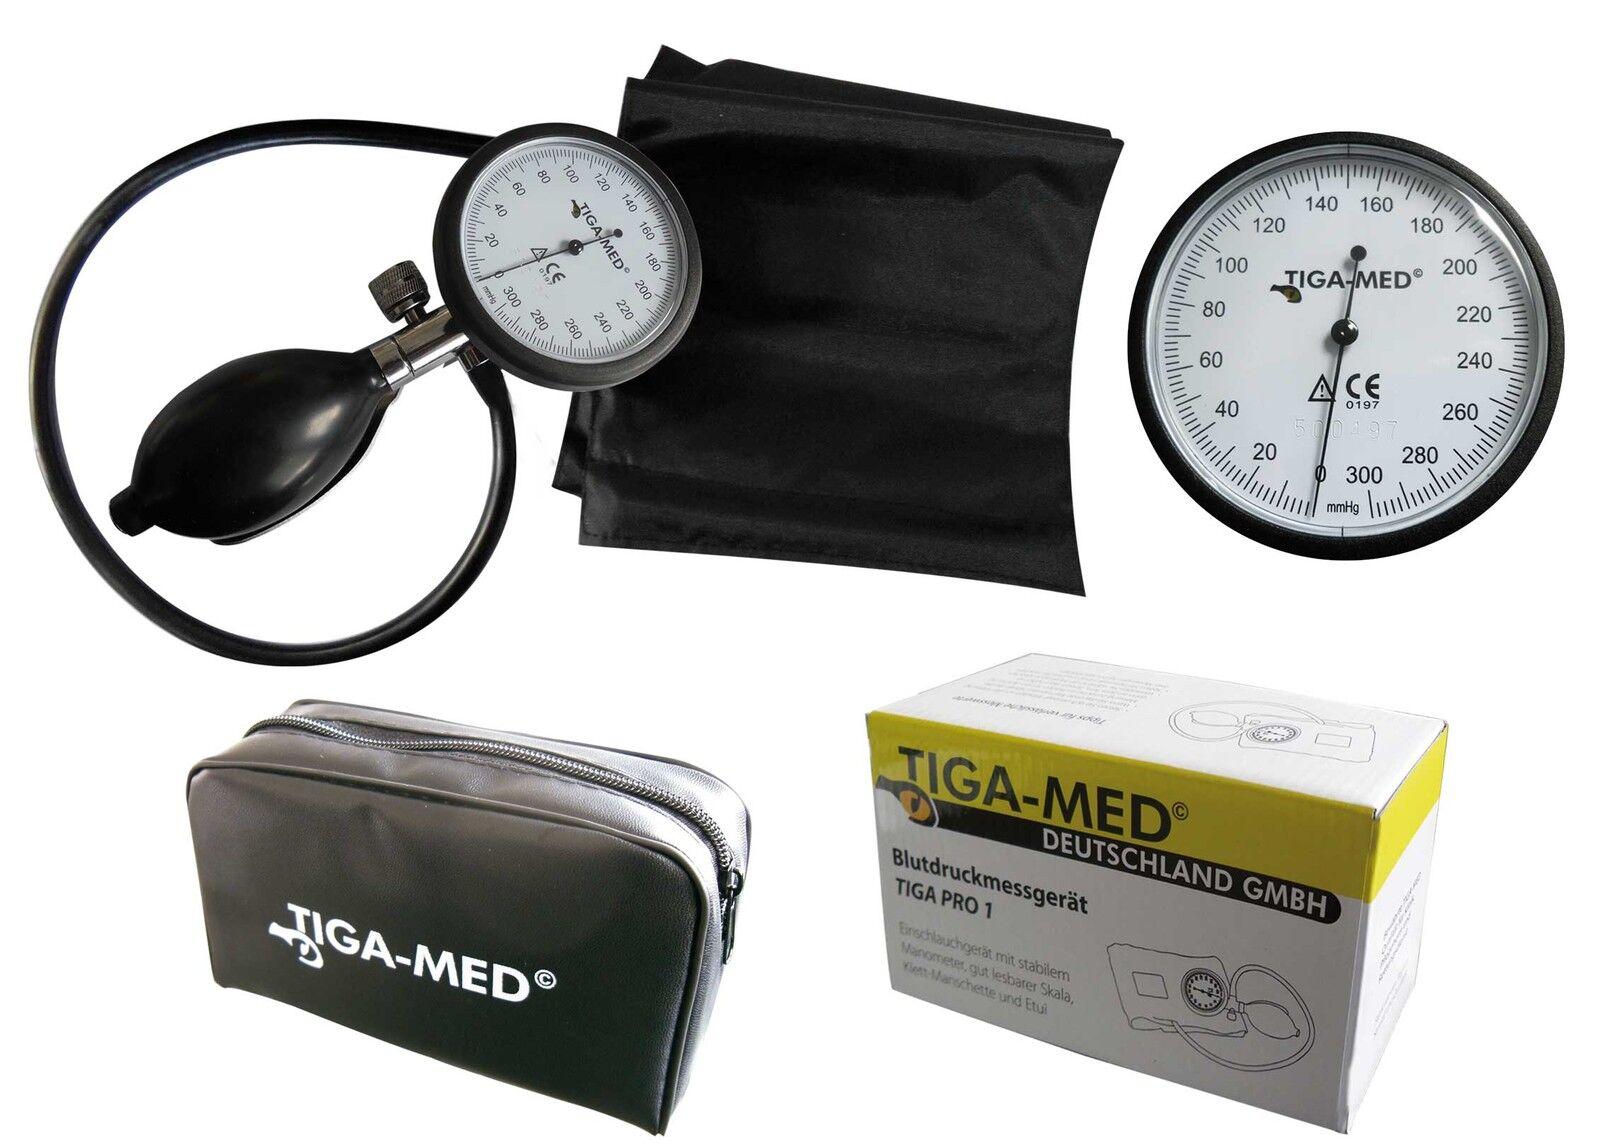 Blutdruckmessgerät m/o Stethoskop Stethoskope Blutdruckmesser Oberarm nach Wahl